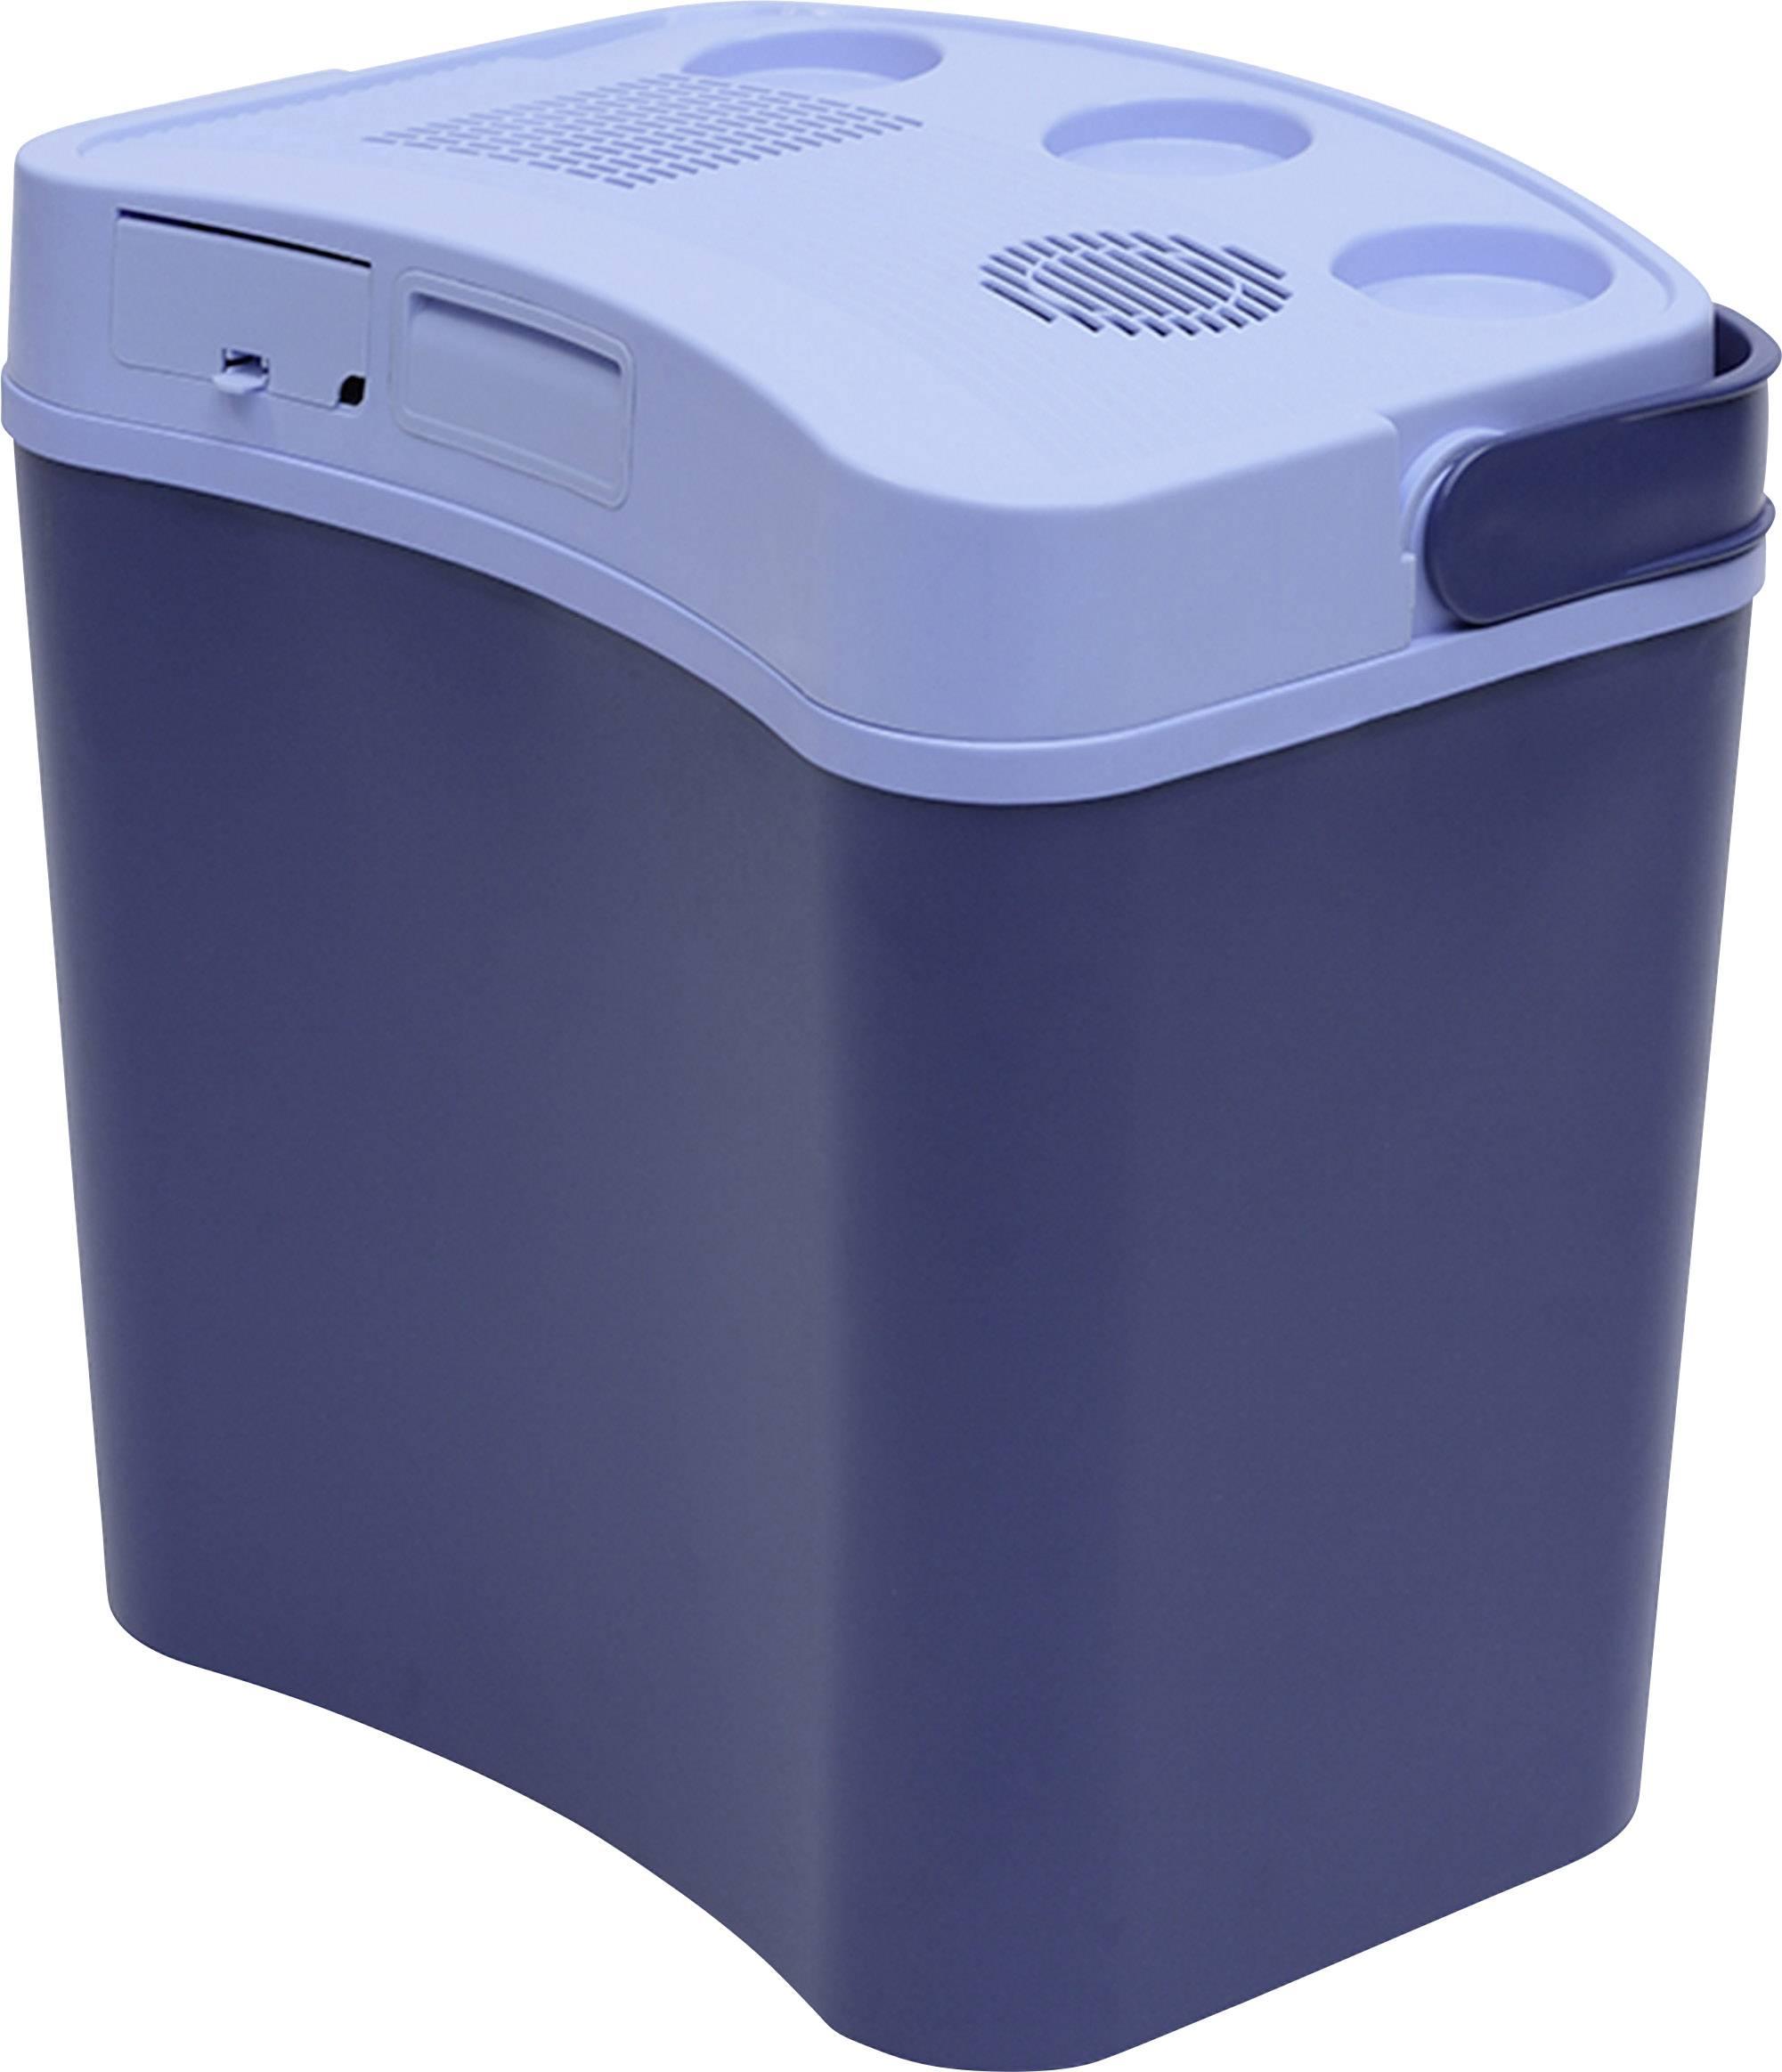 Prenosná chladnička (autochladnička) Tristar KB-7230, 12 V, 30 l, modrá